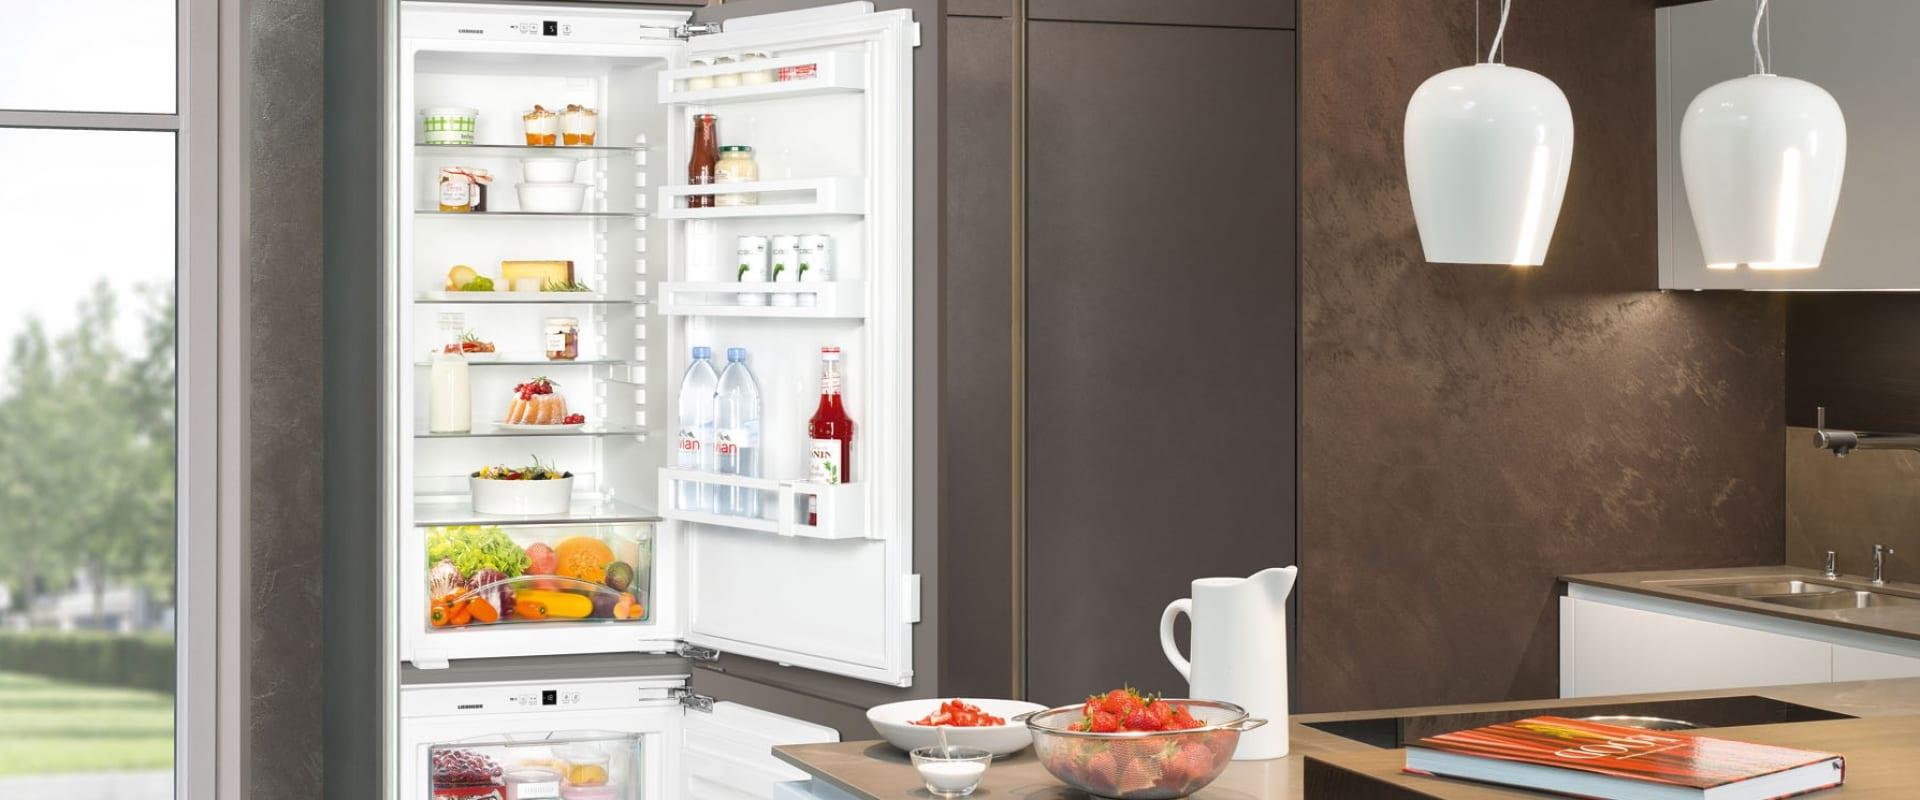 Обзор высокого встраиваемого холодильника LIEBHERR SBS 33i2